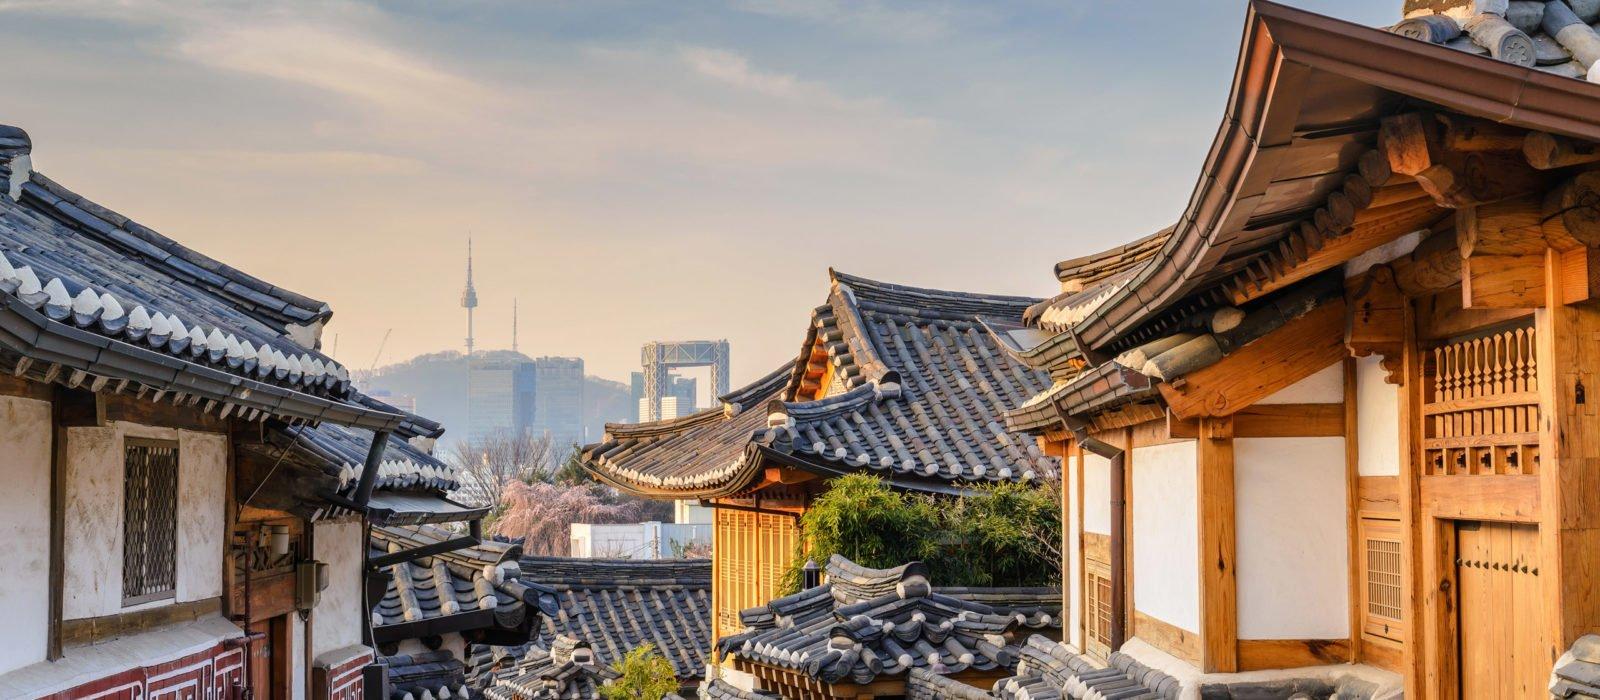 bukchon-hanok-village-south-korea